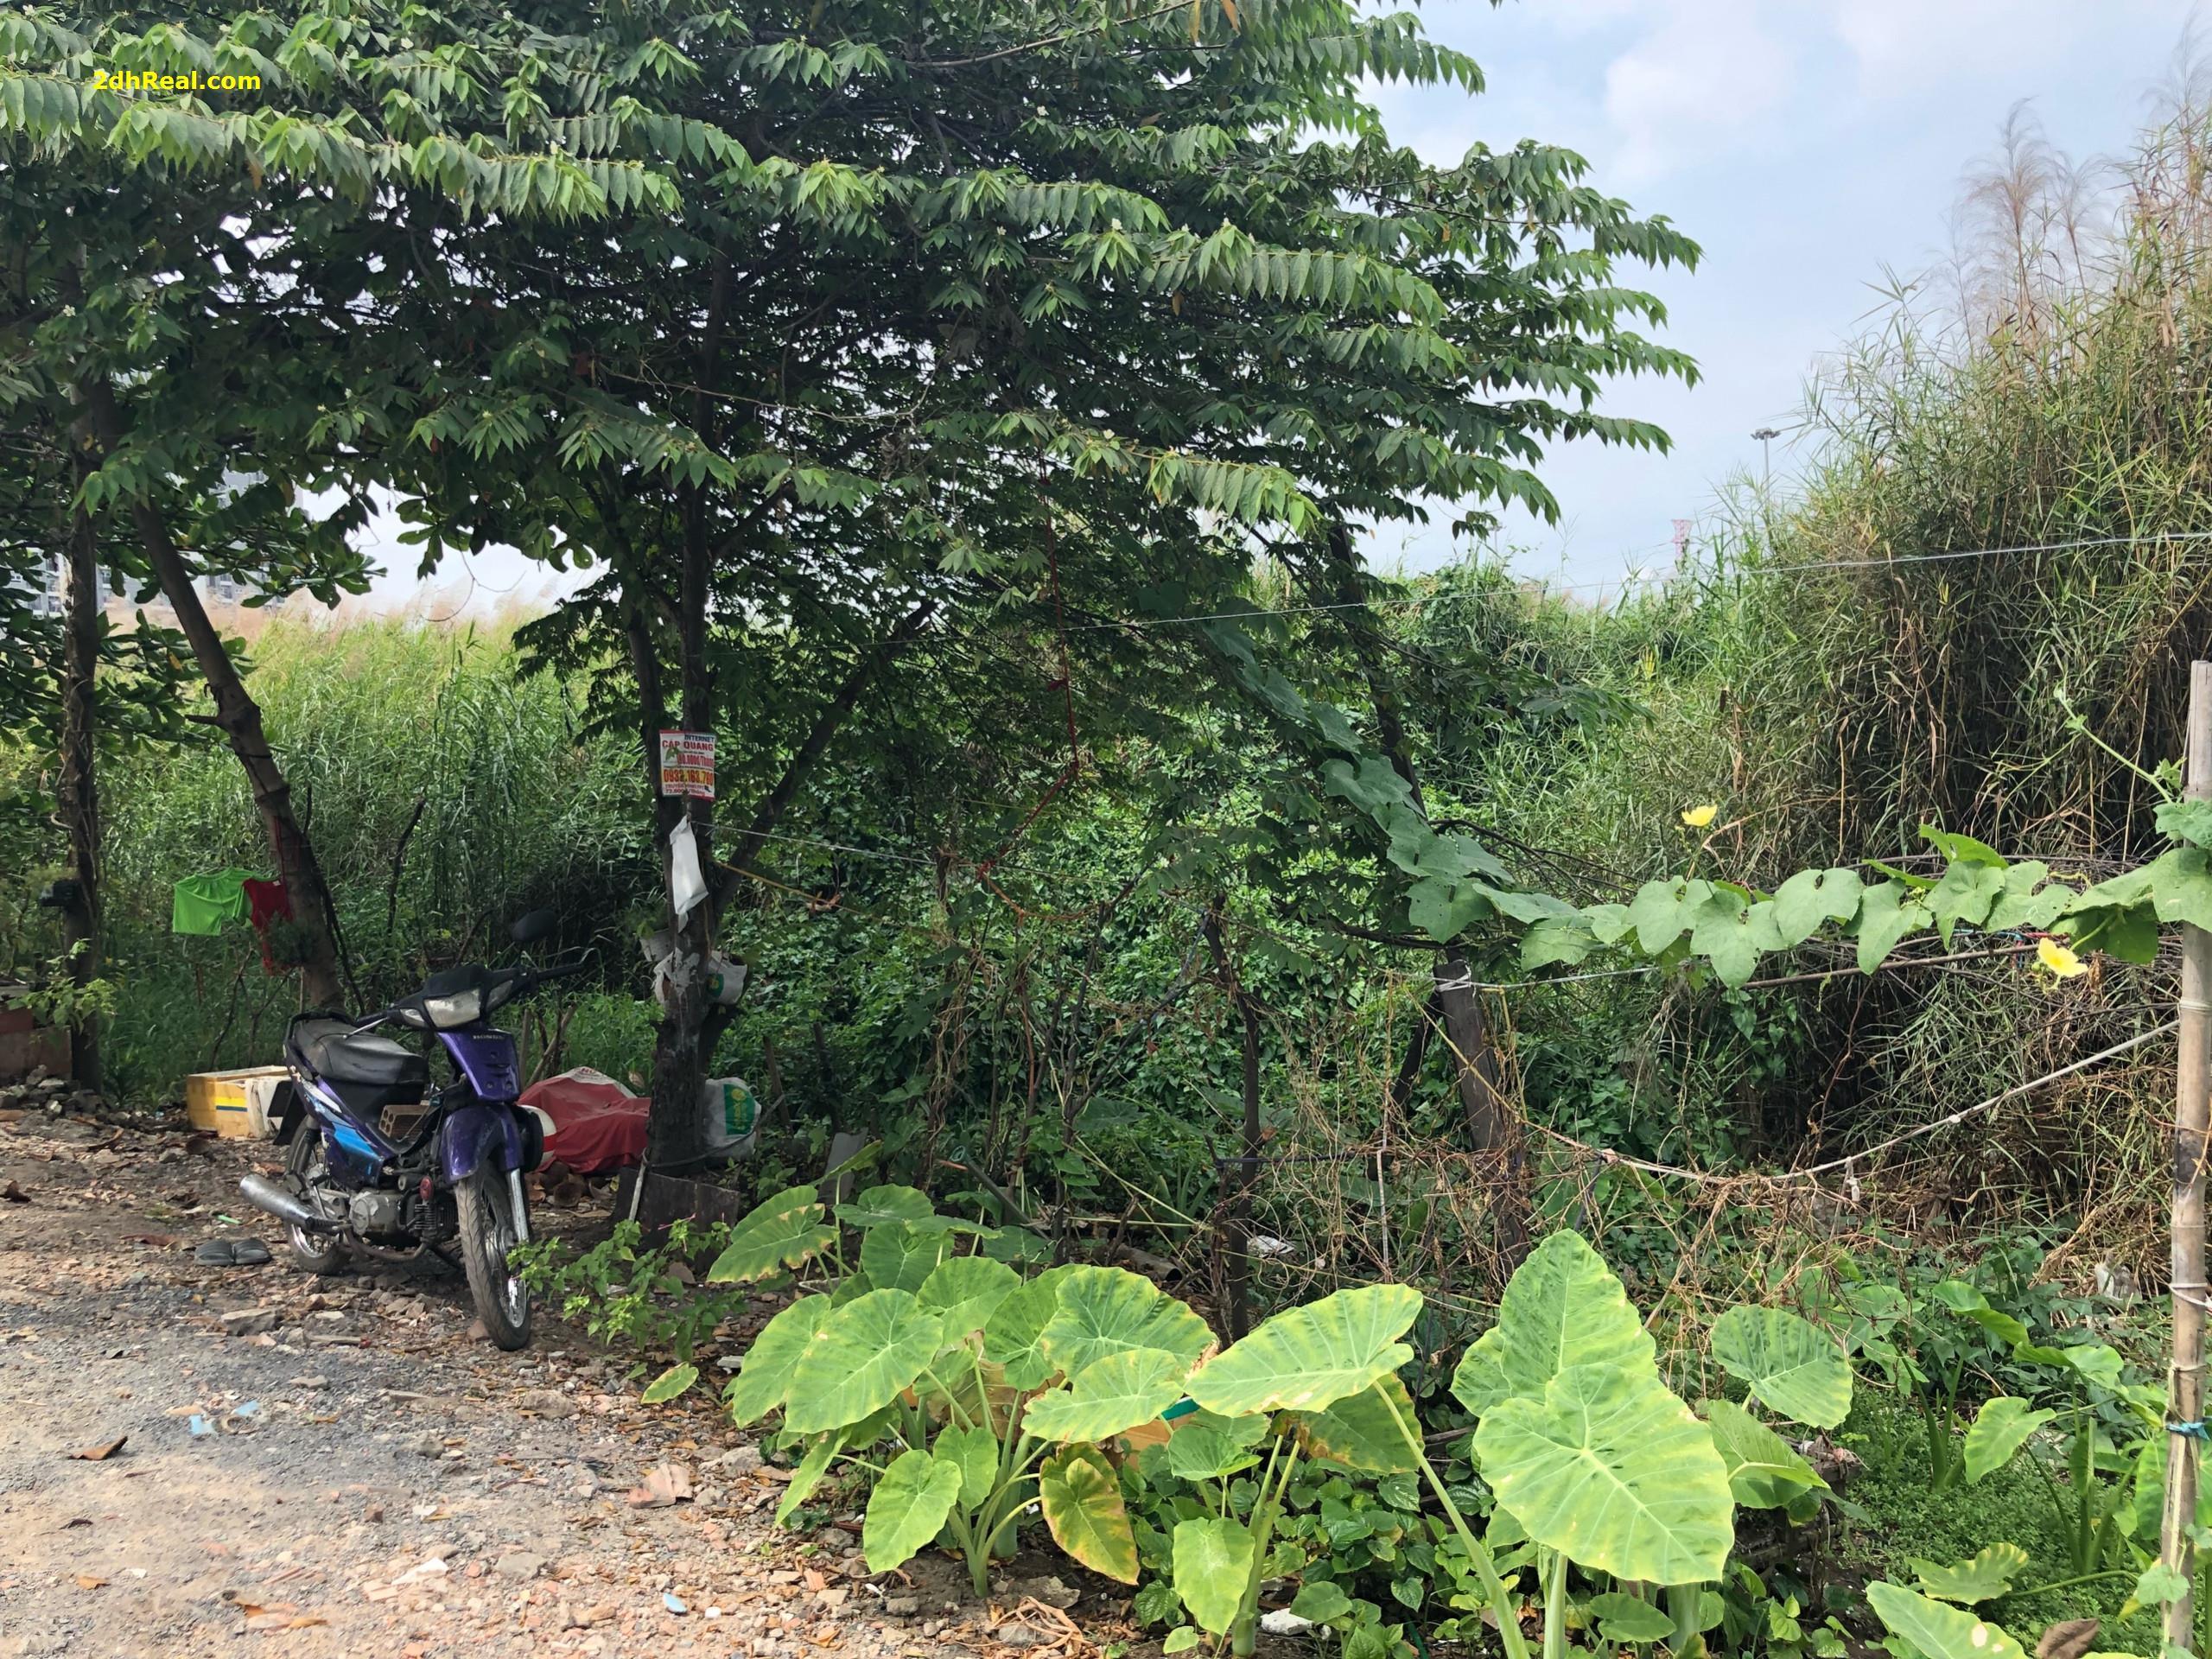 Bán dự án chung cư quận Bình Tân diện tích 45.785m2